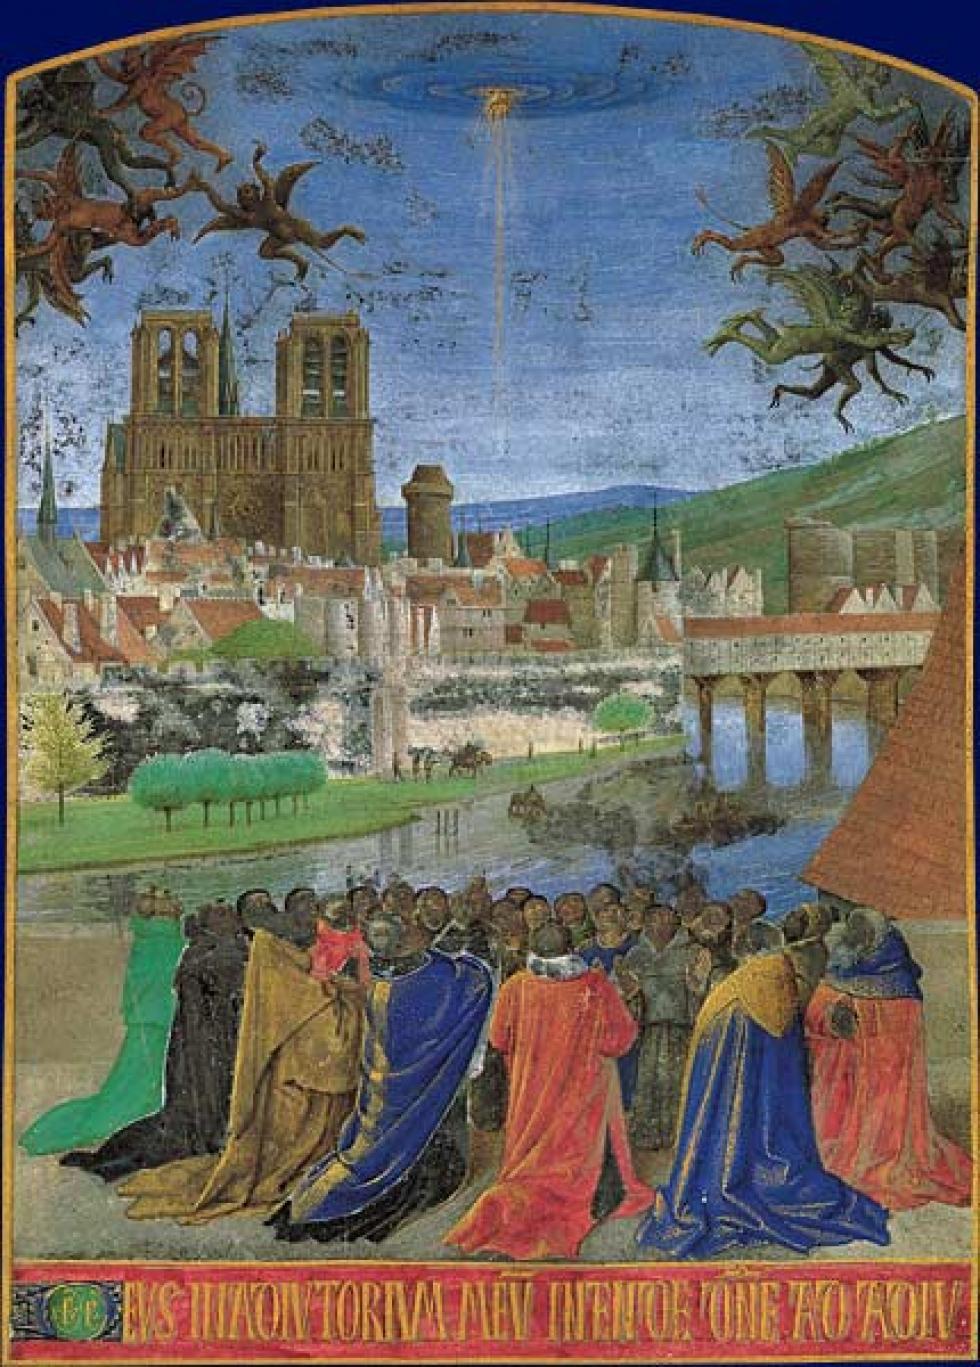 Notre-Dame de Paris dans une enluminure de Jean Fouquet - XVe siècle - La Main de Dieu protégeant les fidèles